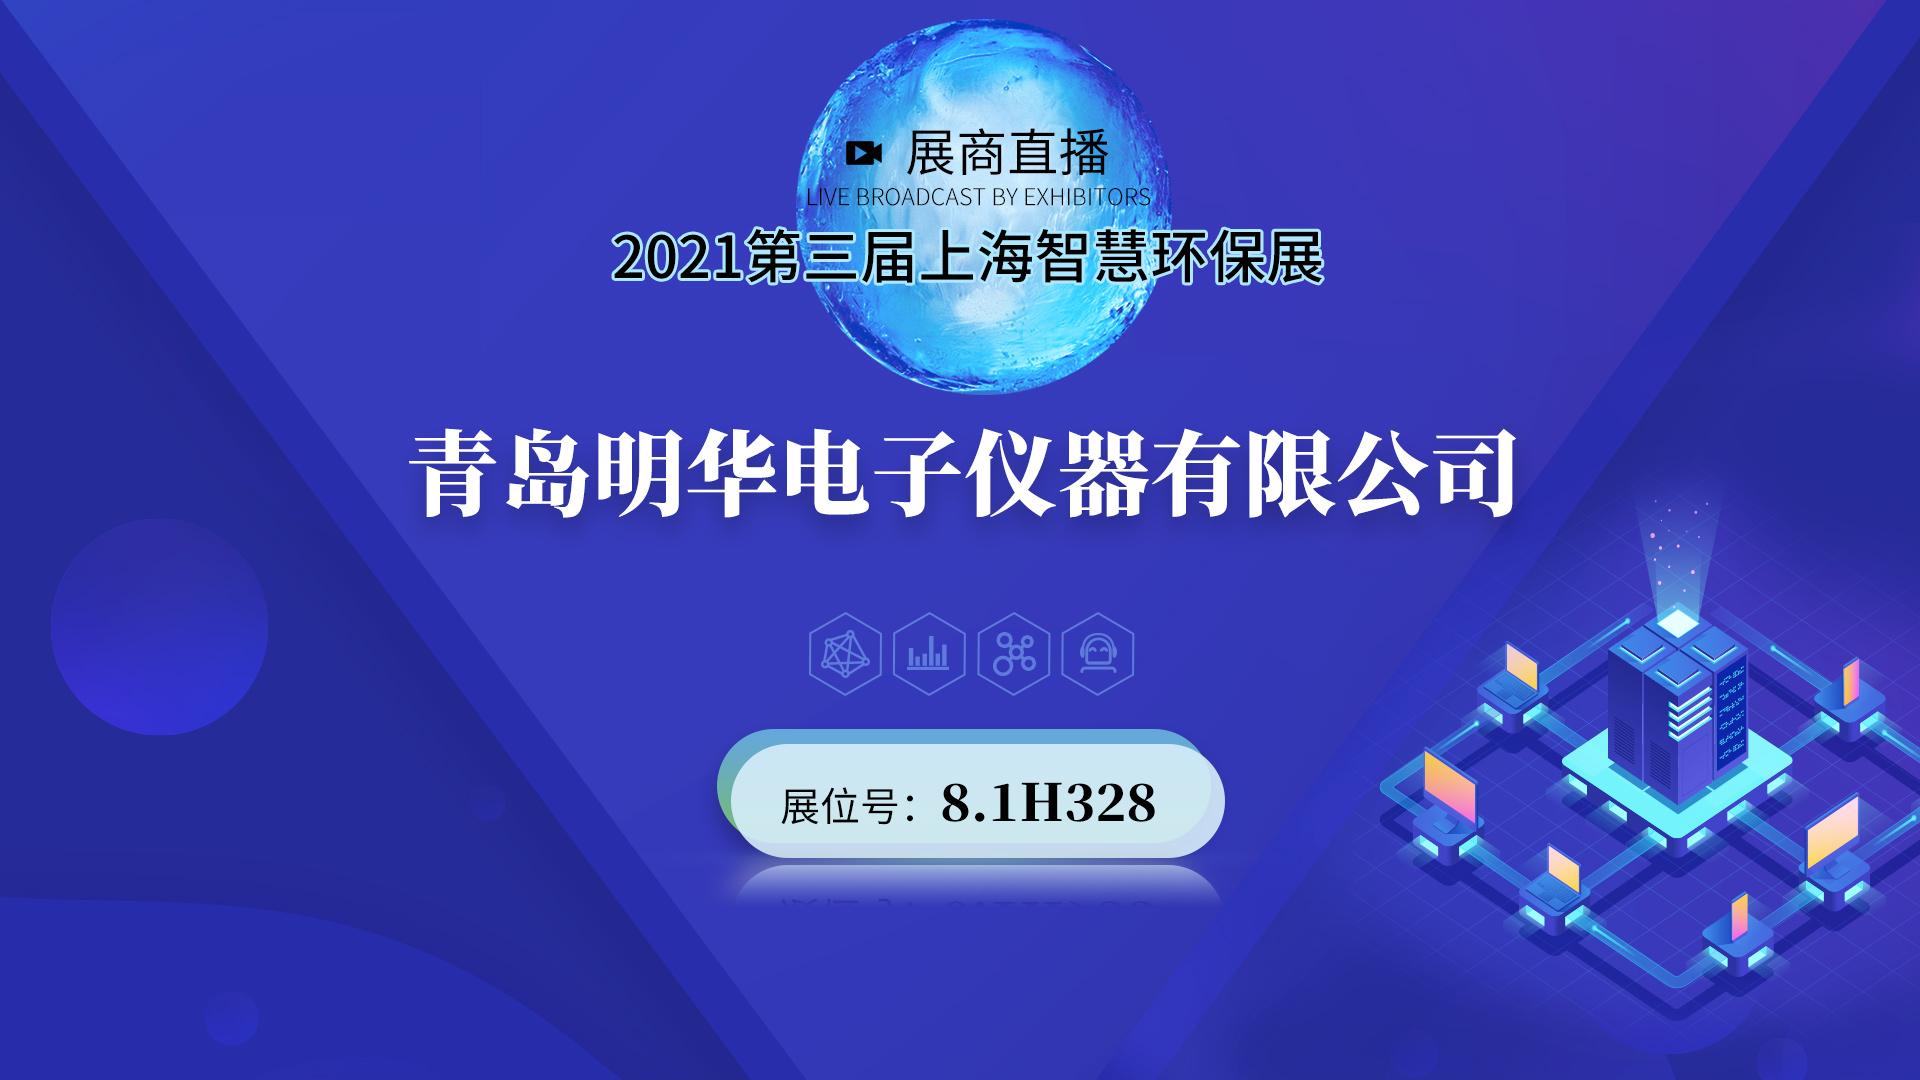 明華電子亮相2021世環會 展位號:8.1H328